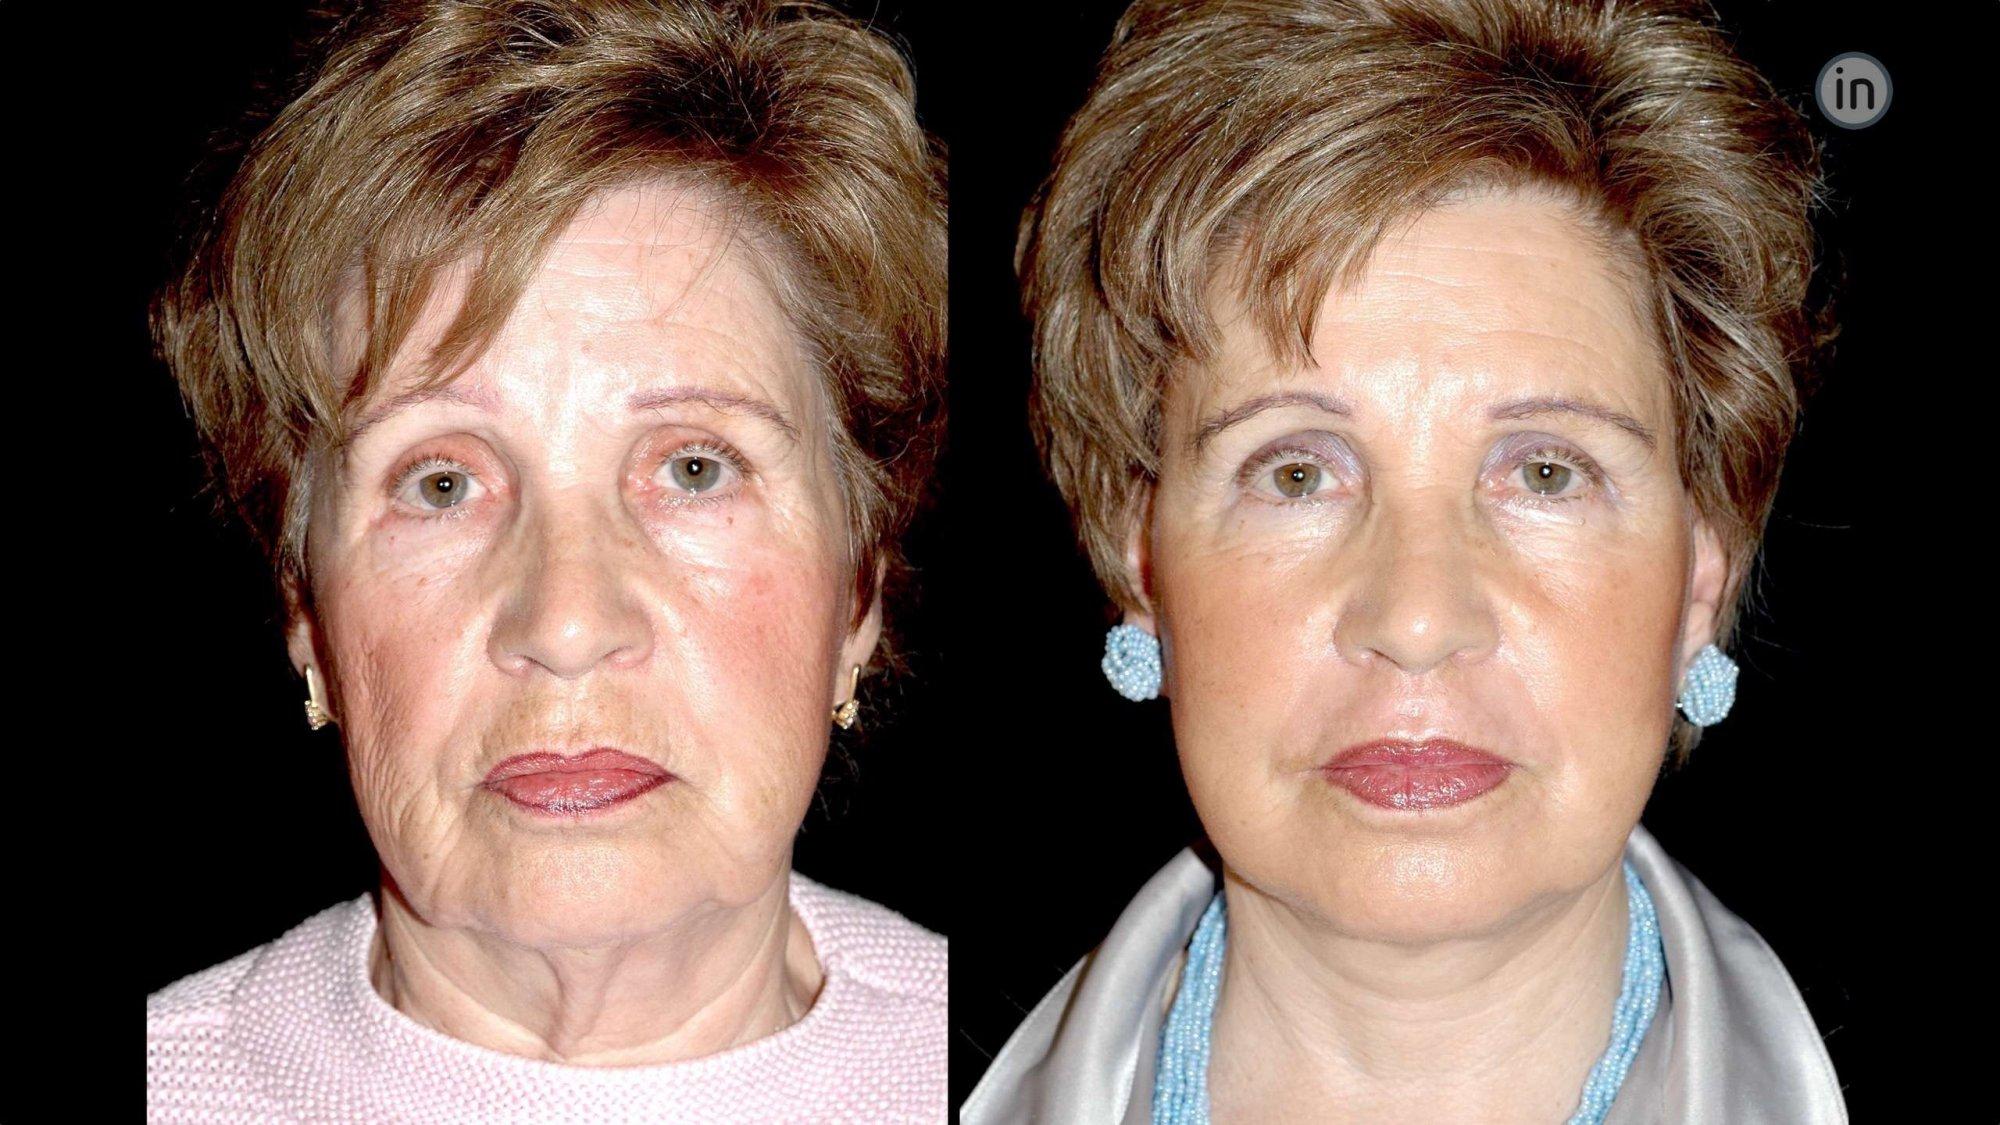 Antes e depois de rosto com lifting facial cirurgia da face para corrigir rugas da testa elevar sobrancelhas rejuvenescer pescoço ou rosto na Clínica Ibérico Nogueira